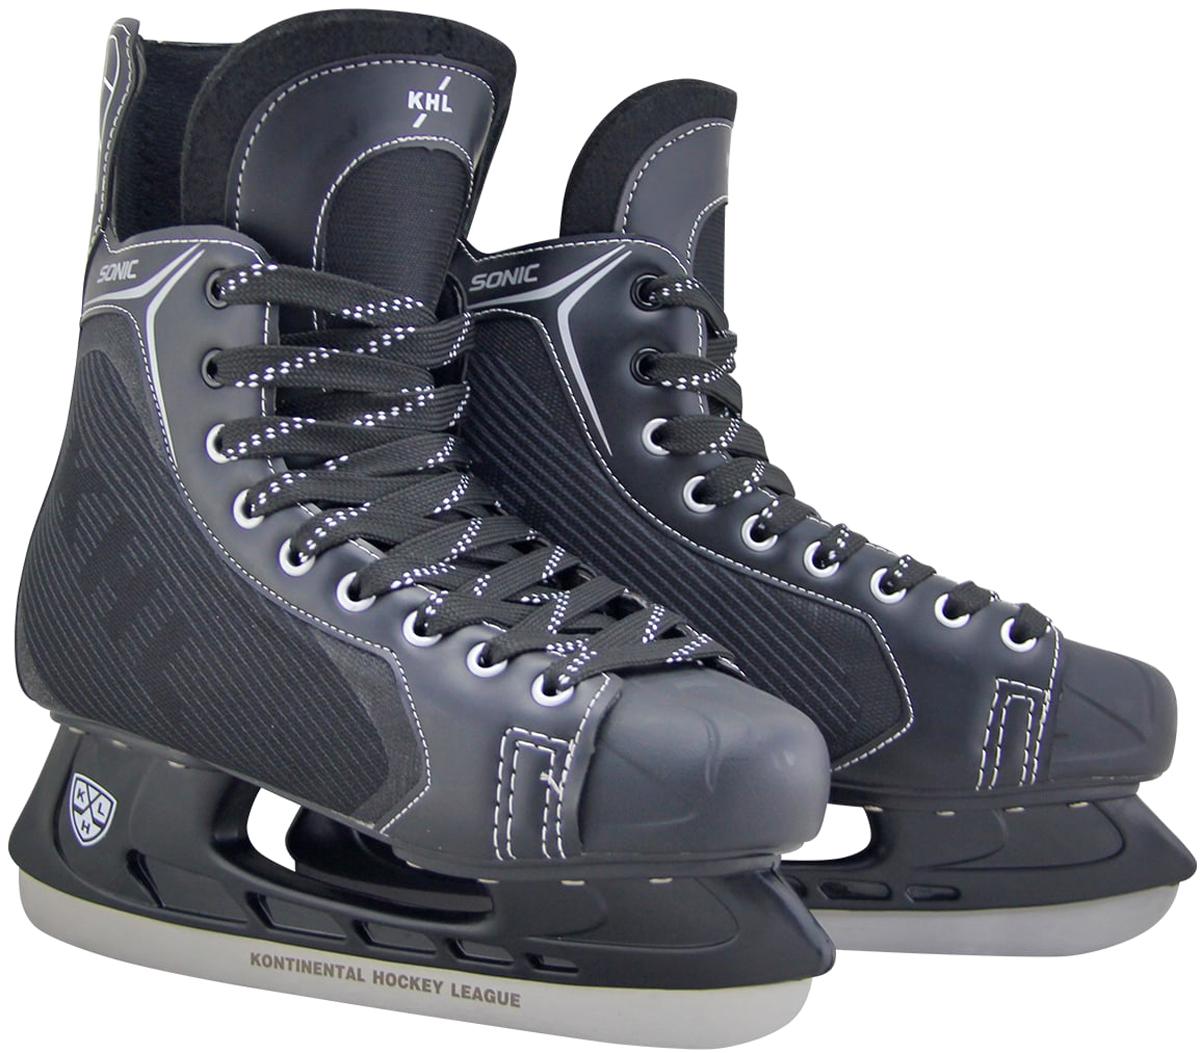 Коньки хоккейные мужские KHL Sonic, цвет: черный, серый, белый. Размер 42